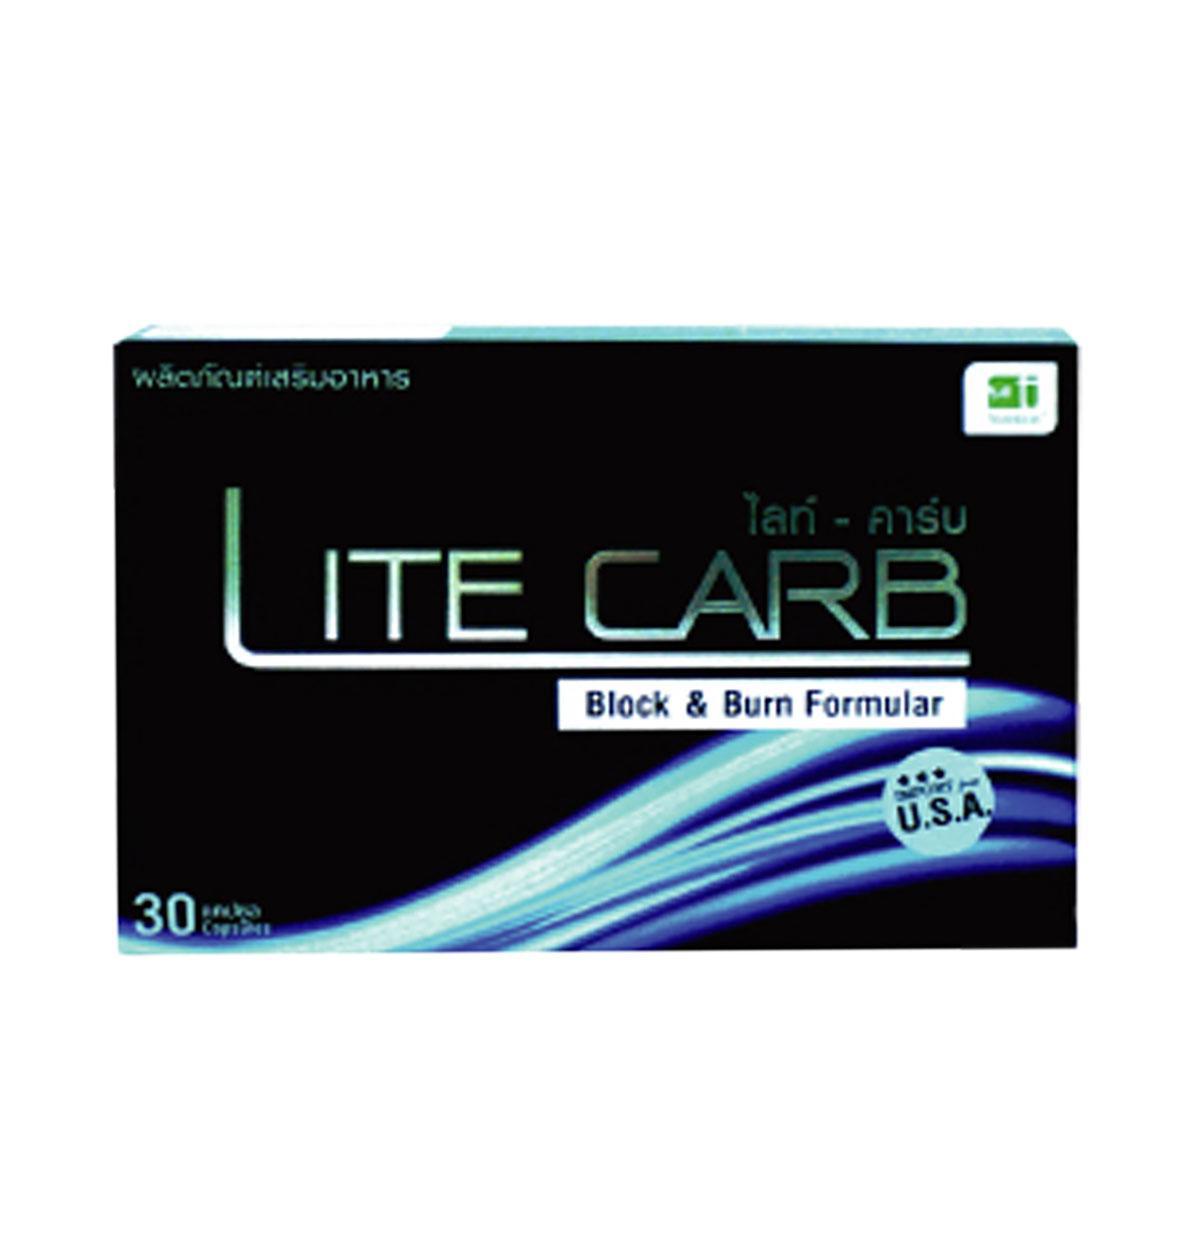 ไลท์-คาร์บ สูตรบล็อกแอนด์เบิร์น ขนาด 30 แคปซูล